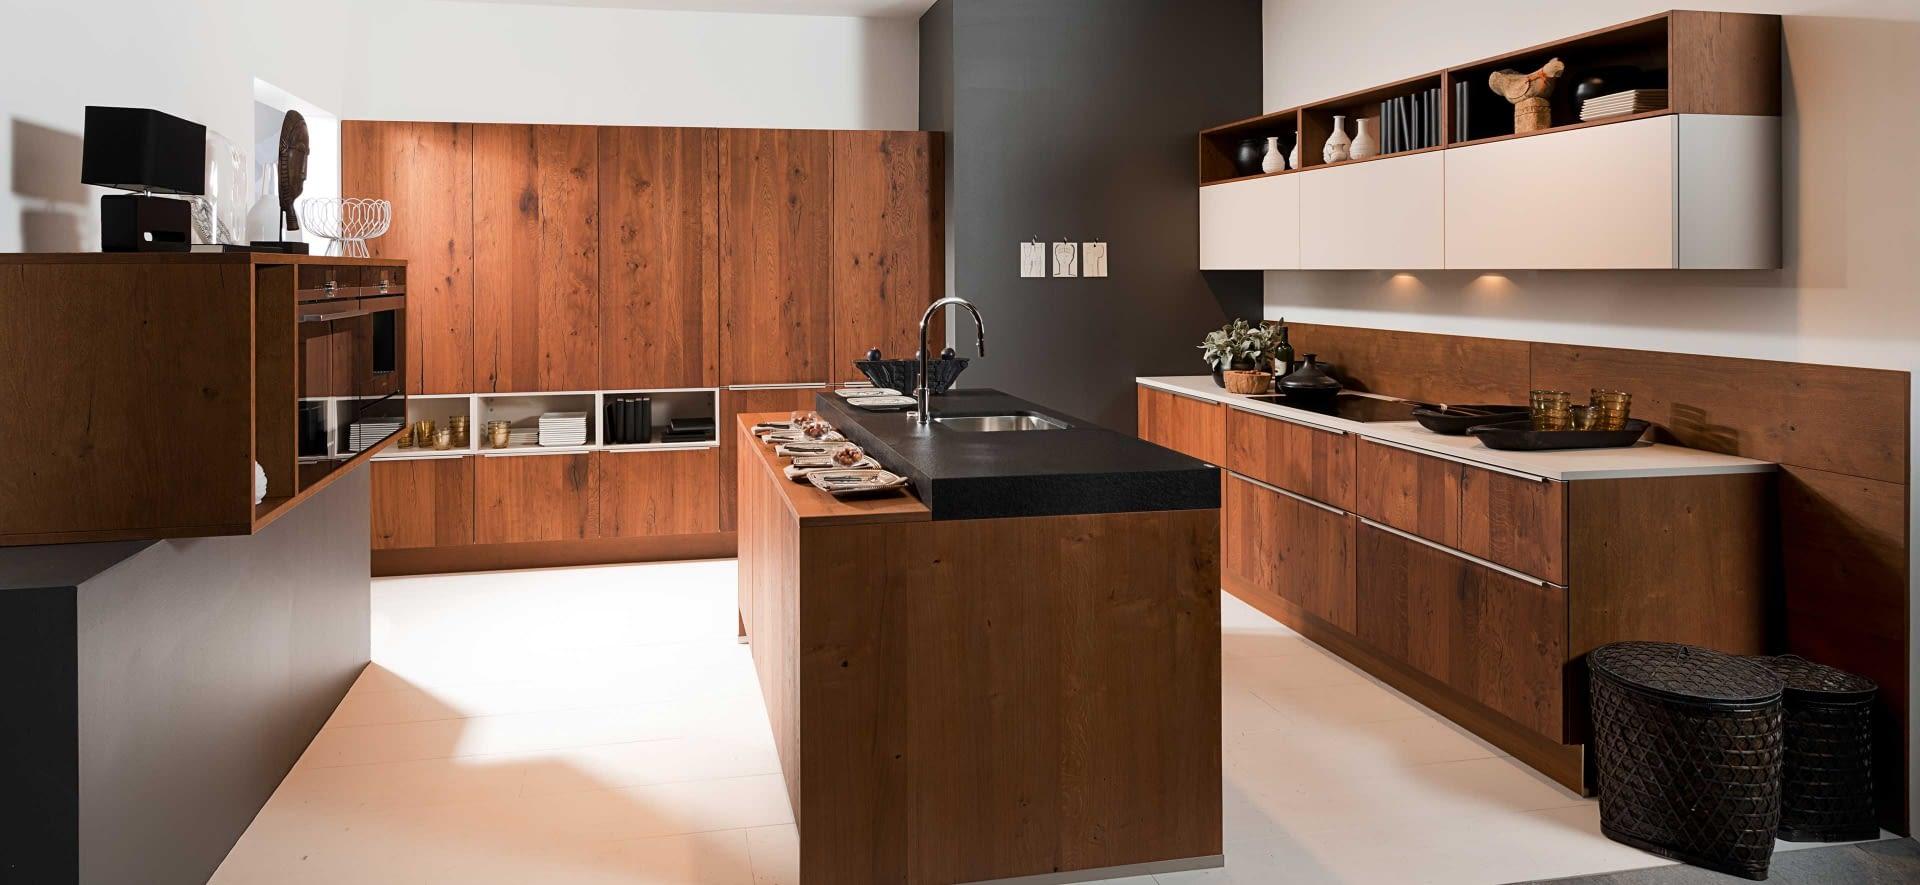 Küchen Türen Erneuern: Kchen Tren